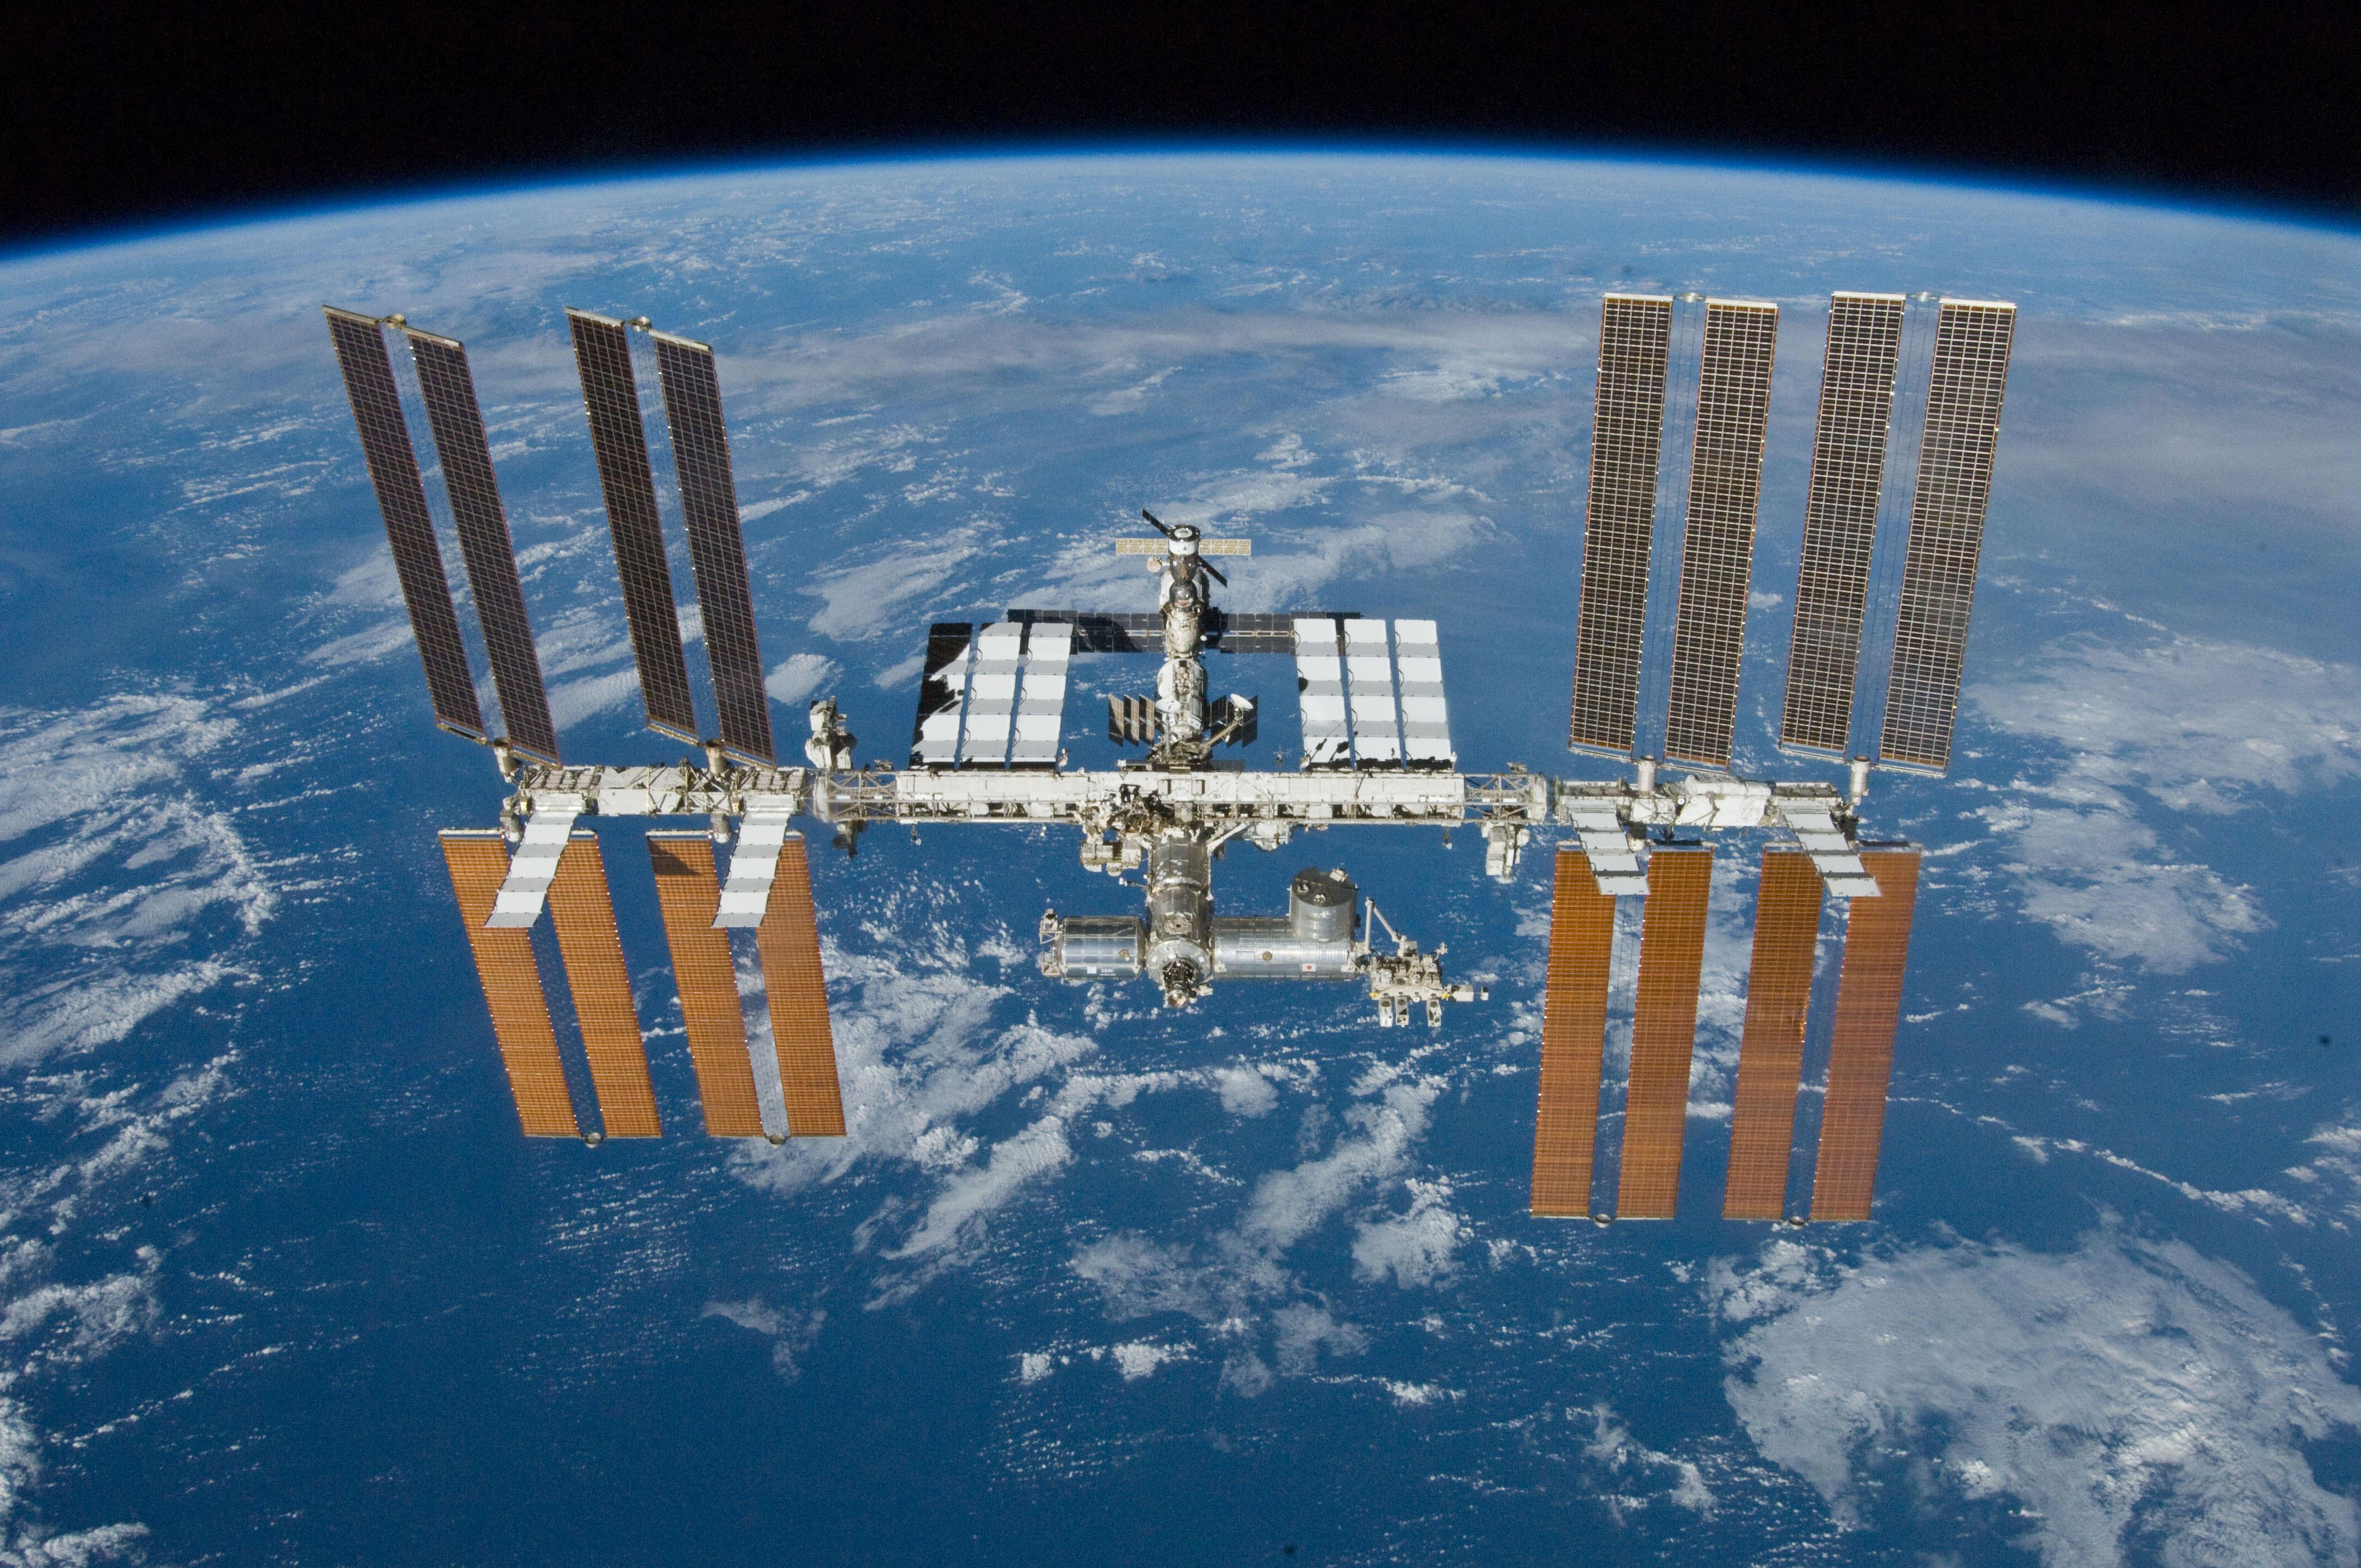 Advierten sobre posible colisión de la Estación Espacial Internacional